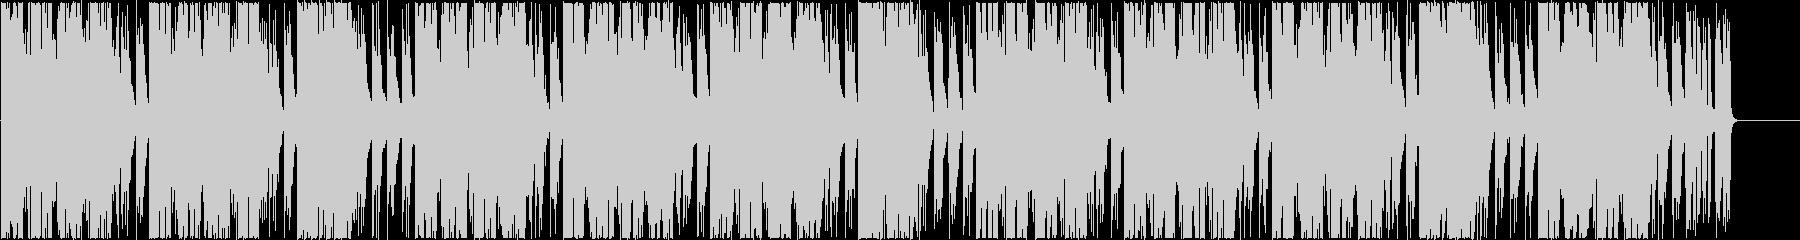 河童-Aの未再生の波形